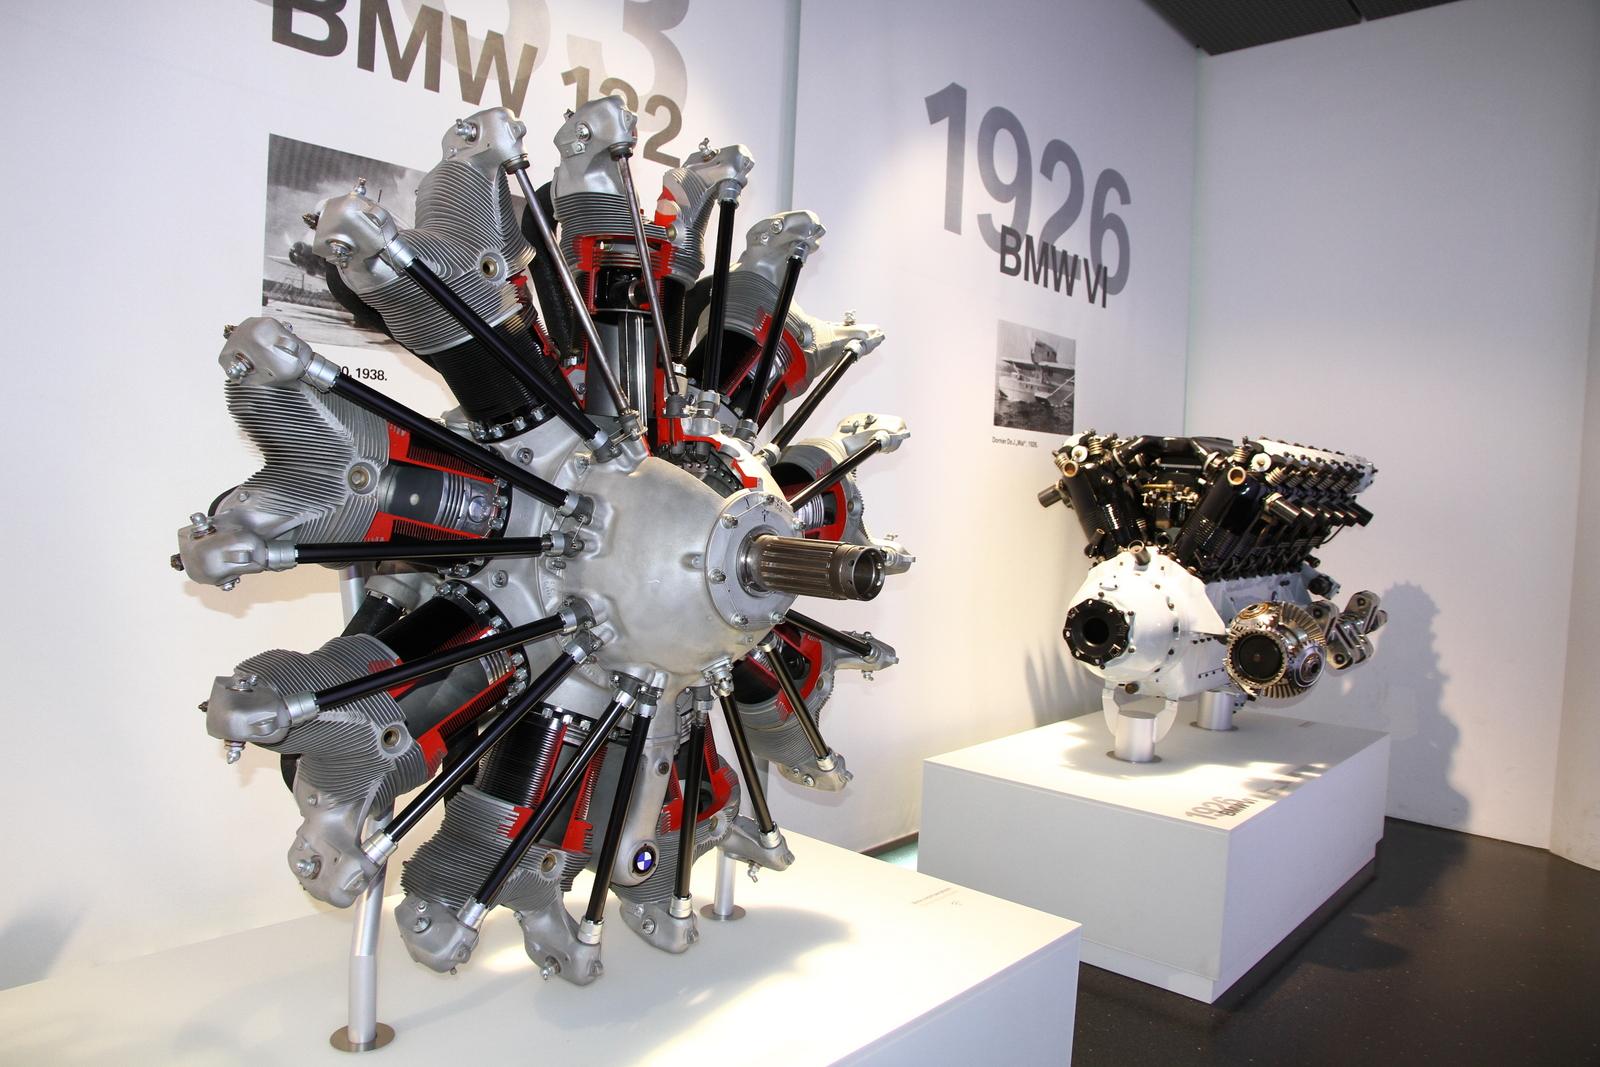 Arado Ar 196 B | Revell | N° 04922 | 1/32 BMW_132_engine